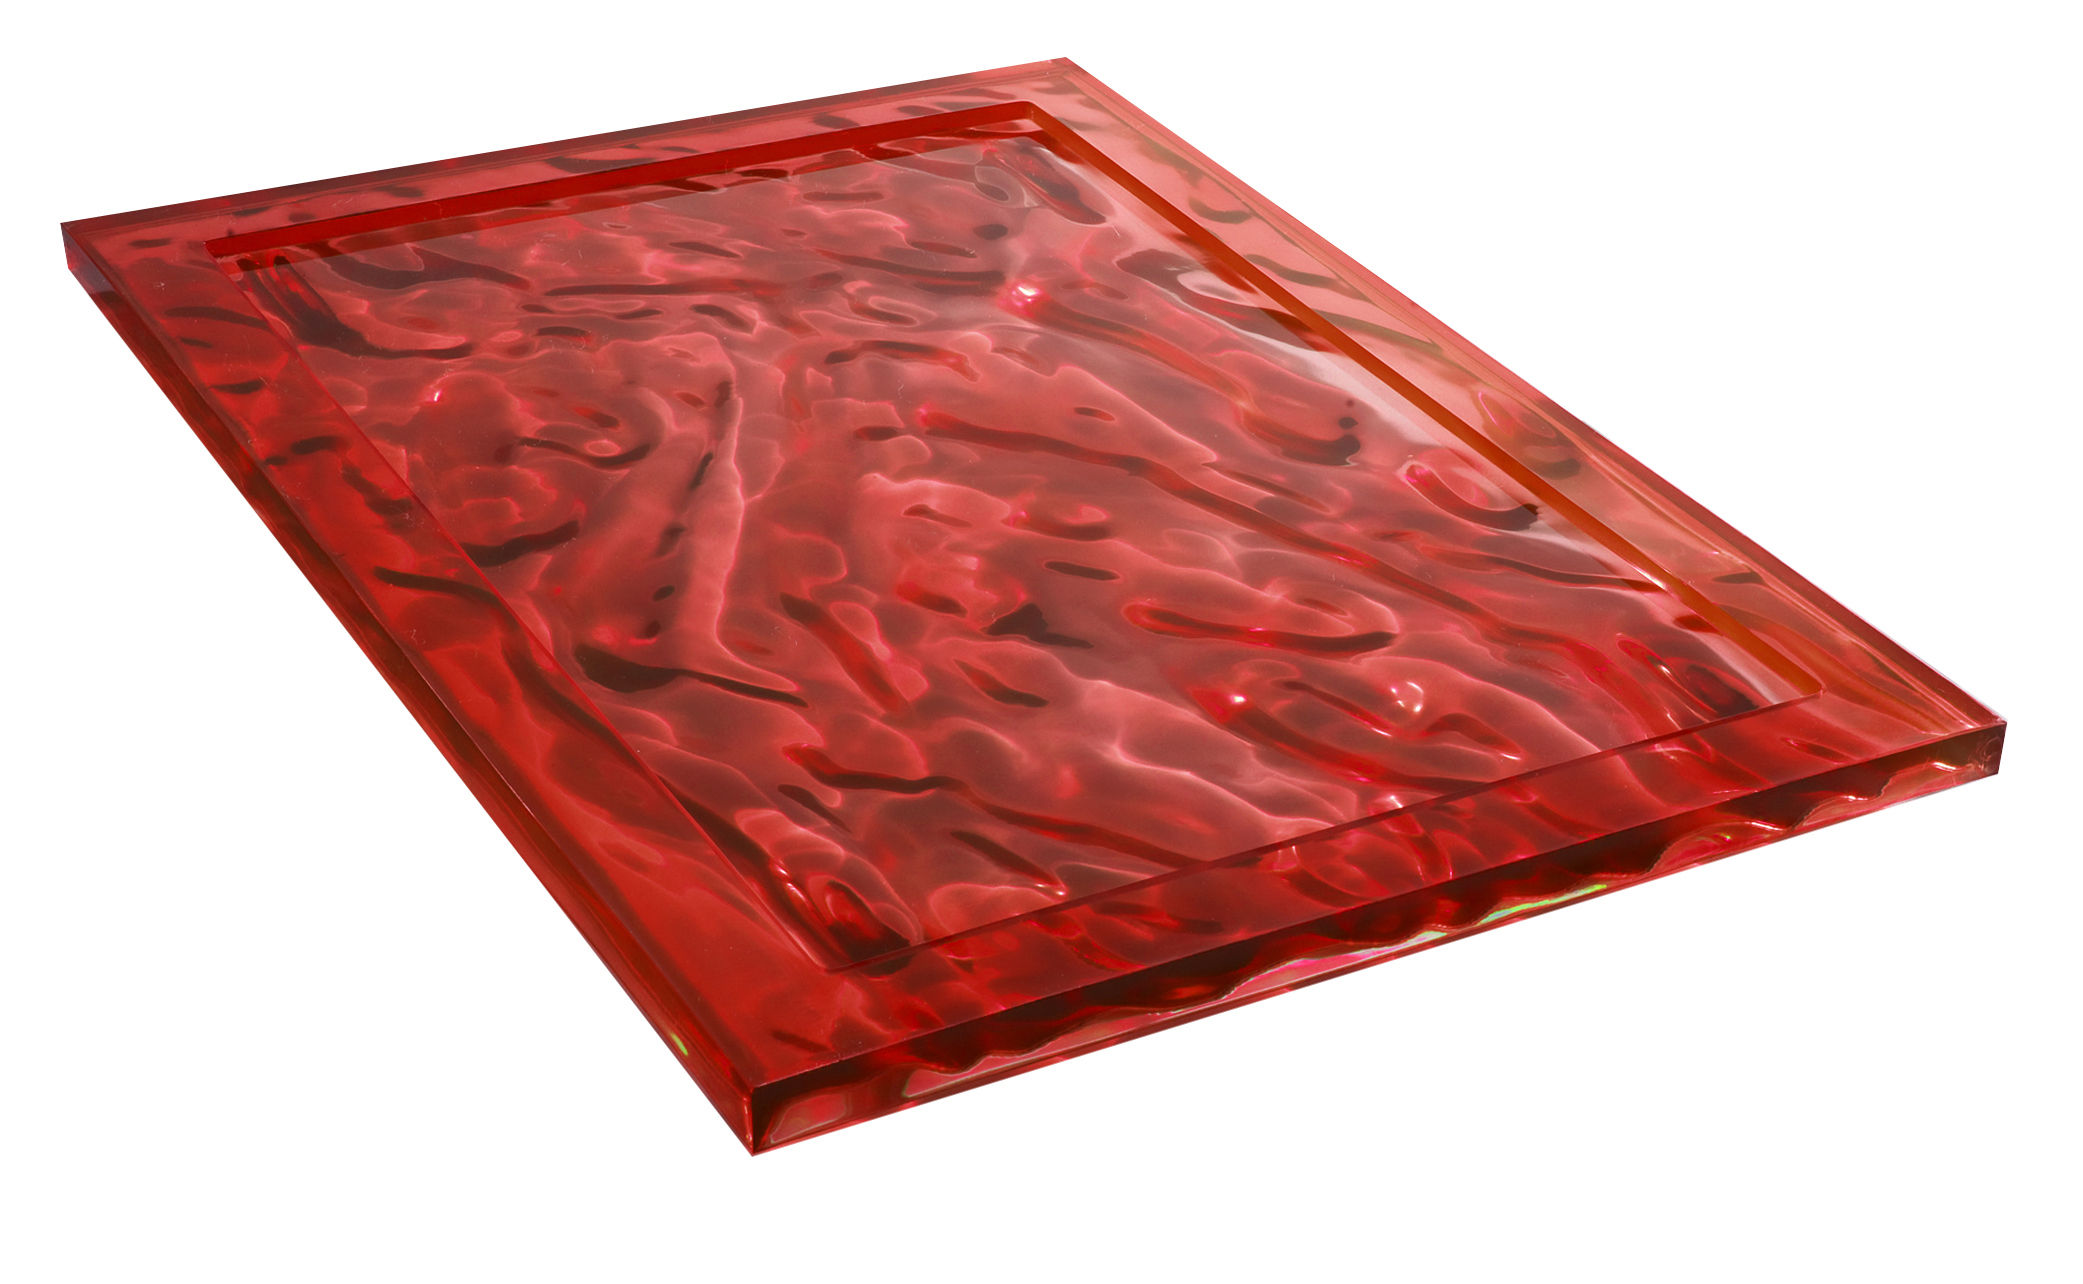 Tischkultur - Tabletts - Dune Tablett 55 x 38 cm - Kartell - Rot - Technoplymer